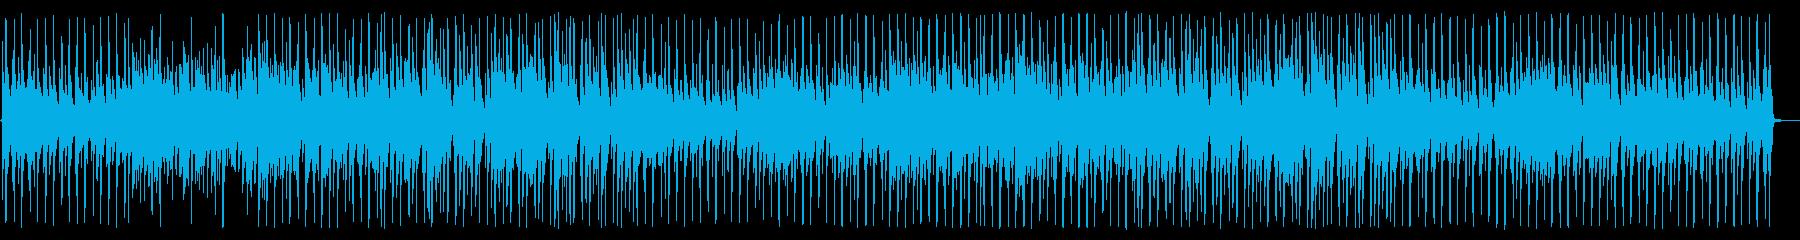 かわいい楽しいキッズ向けCM、ウクレレの再生済みの波形